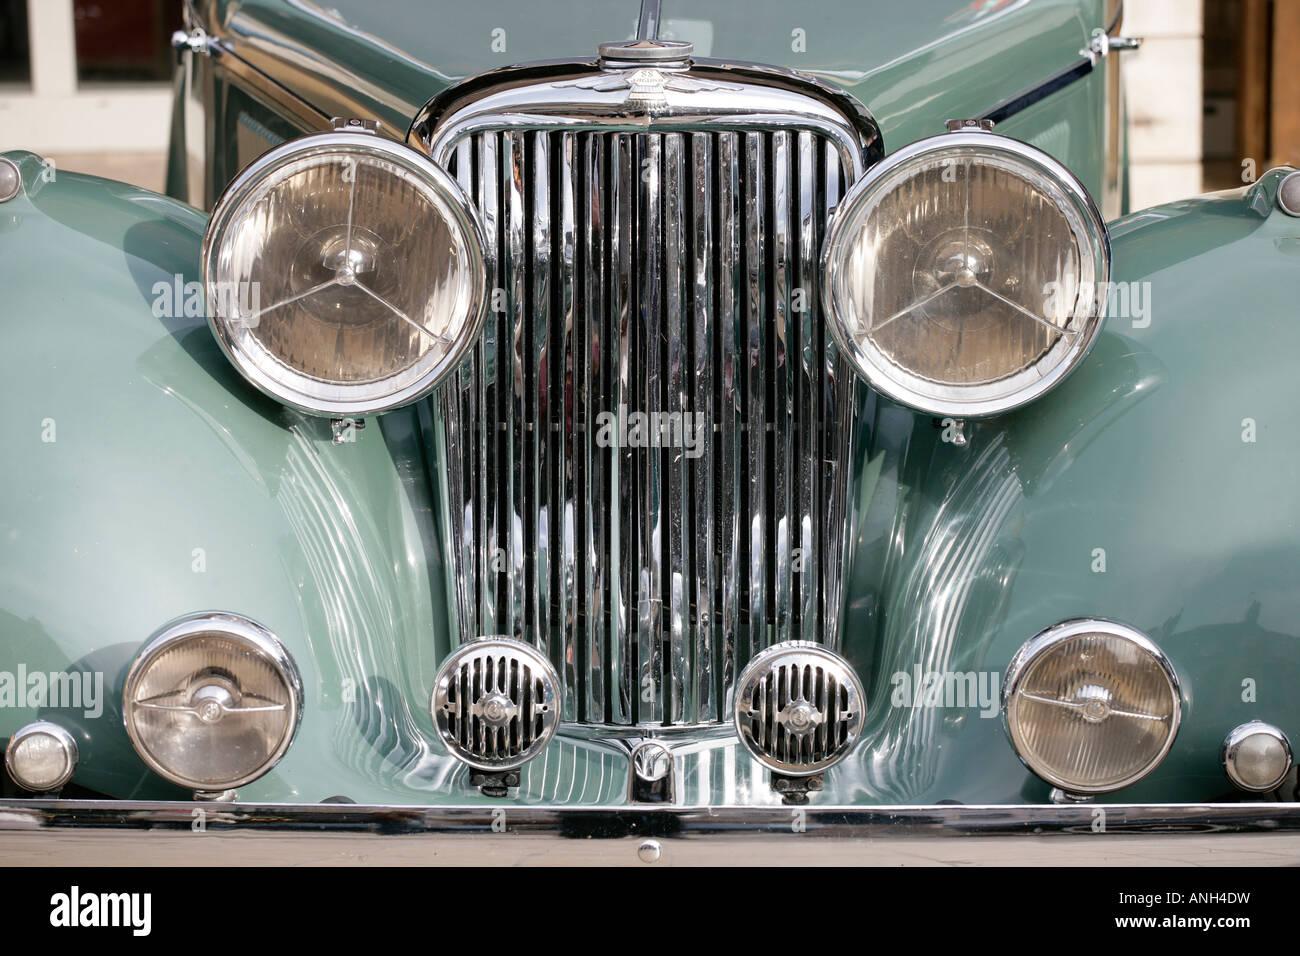 Detail eines Delahaye in den 30er-das Auto war ein Luxus-Automobil heute es ein beliebtes ist Sammlerstück Stockbild